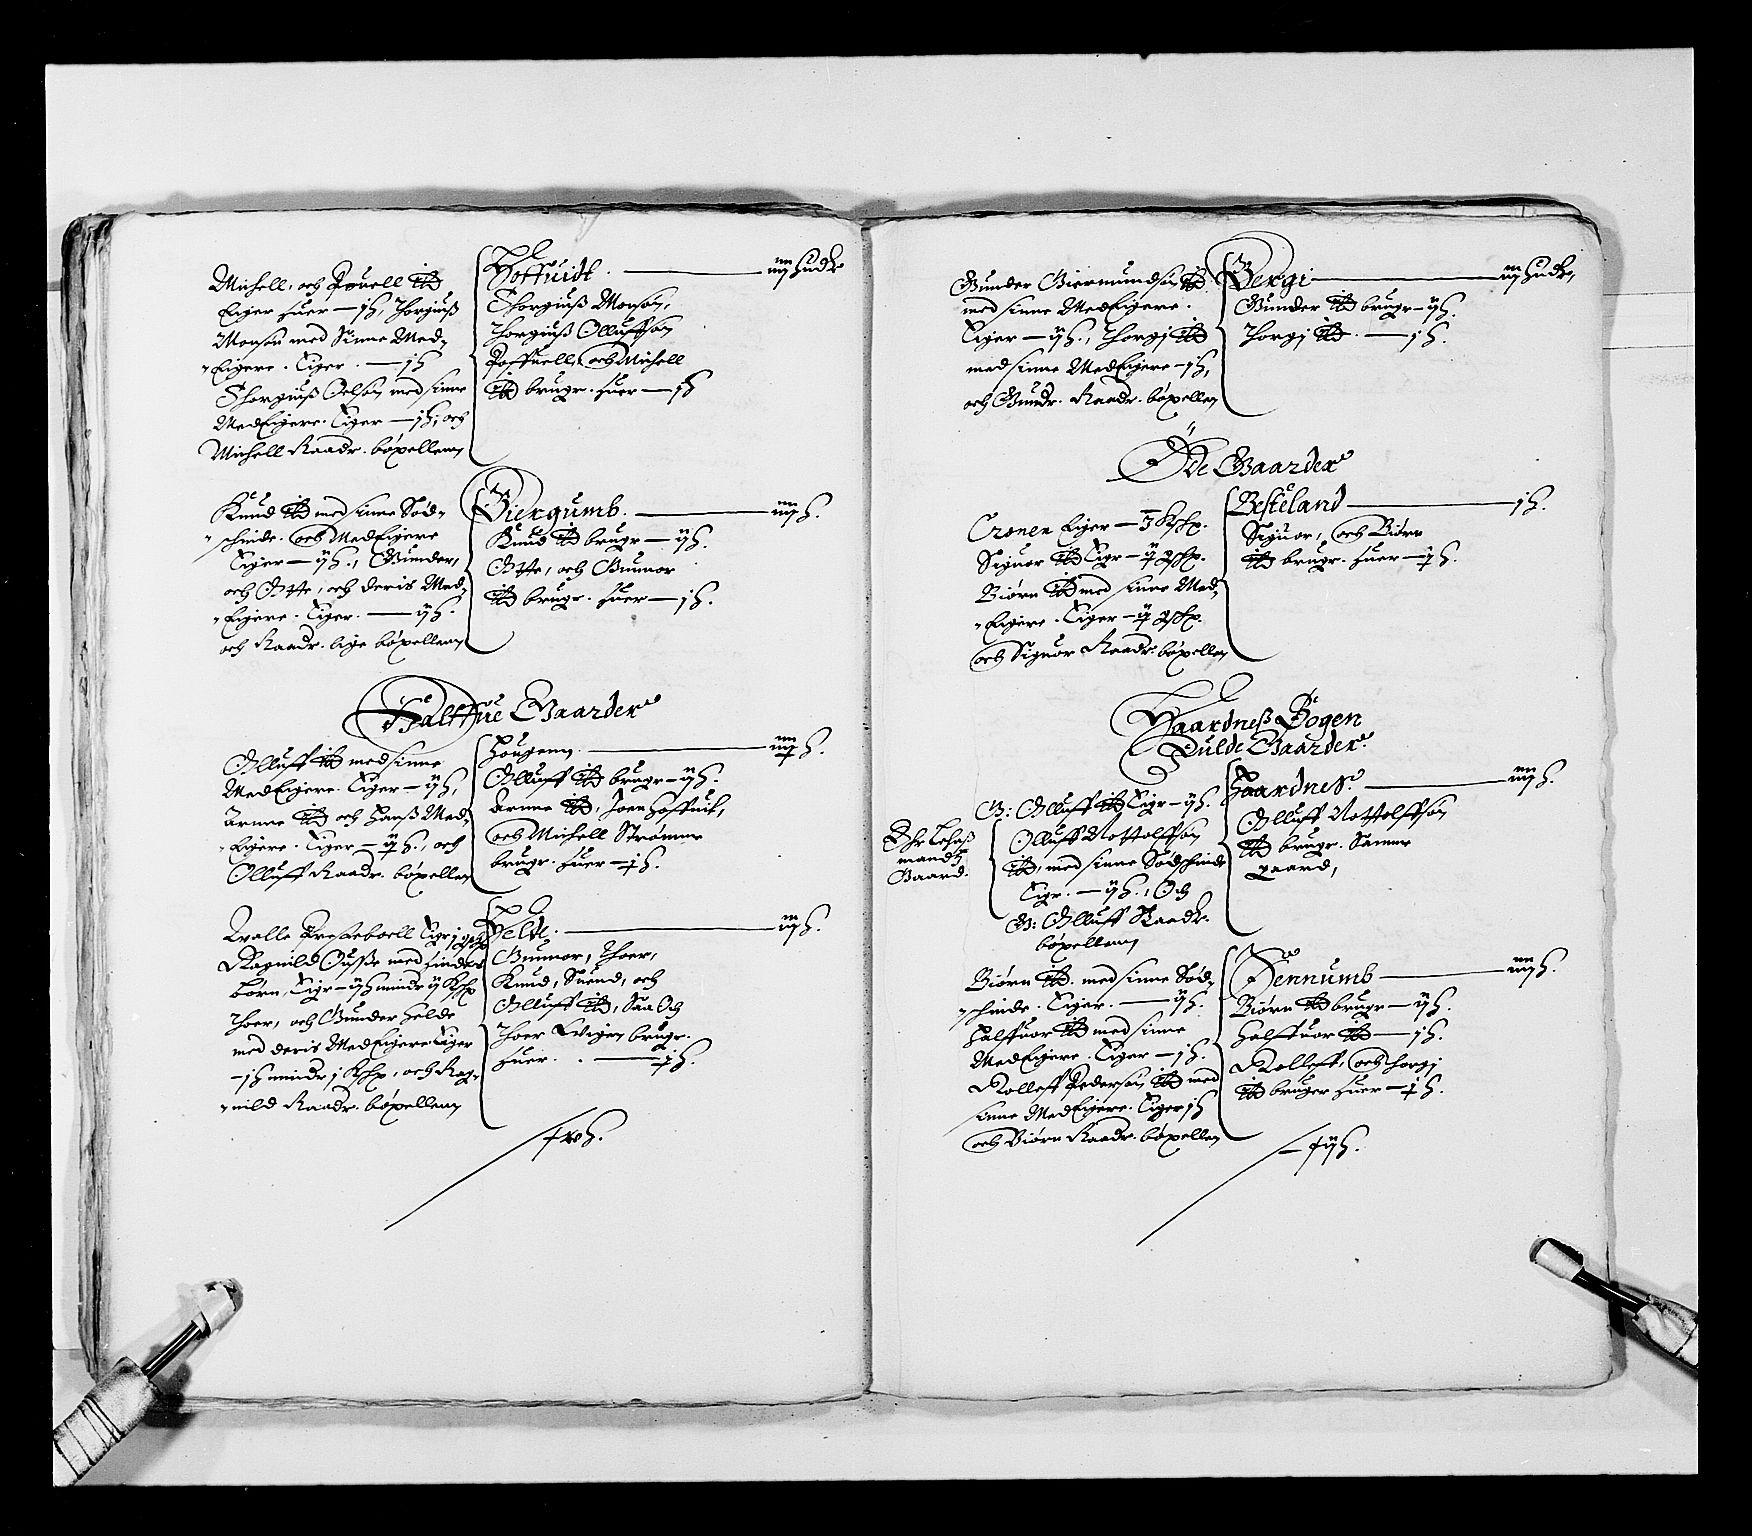 RA, Stattholderembetet 1572-1771, Ek/L0023: Jordebøker 1633-1658:, 1648-1649, s. 30